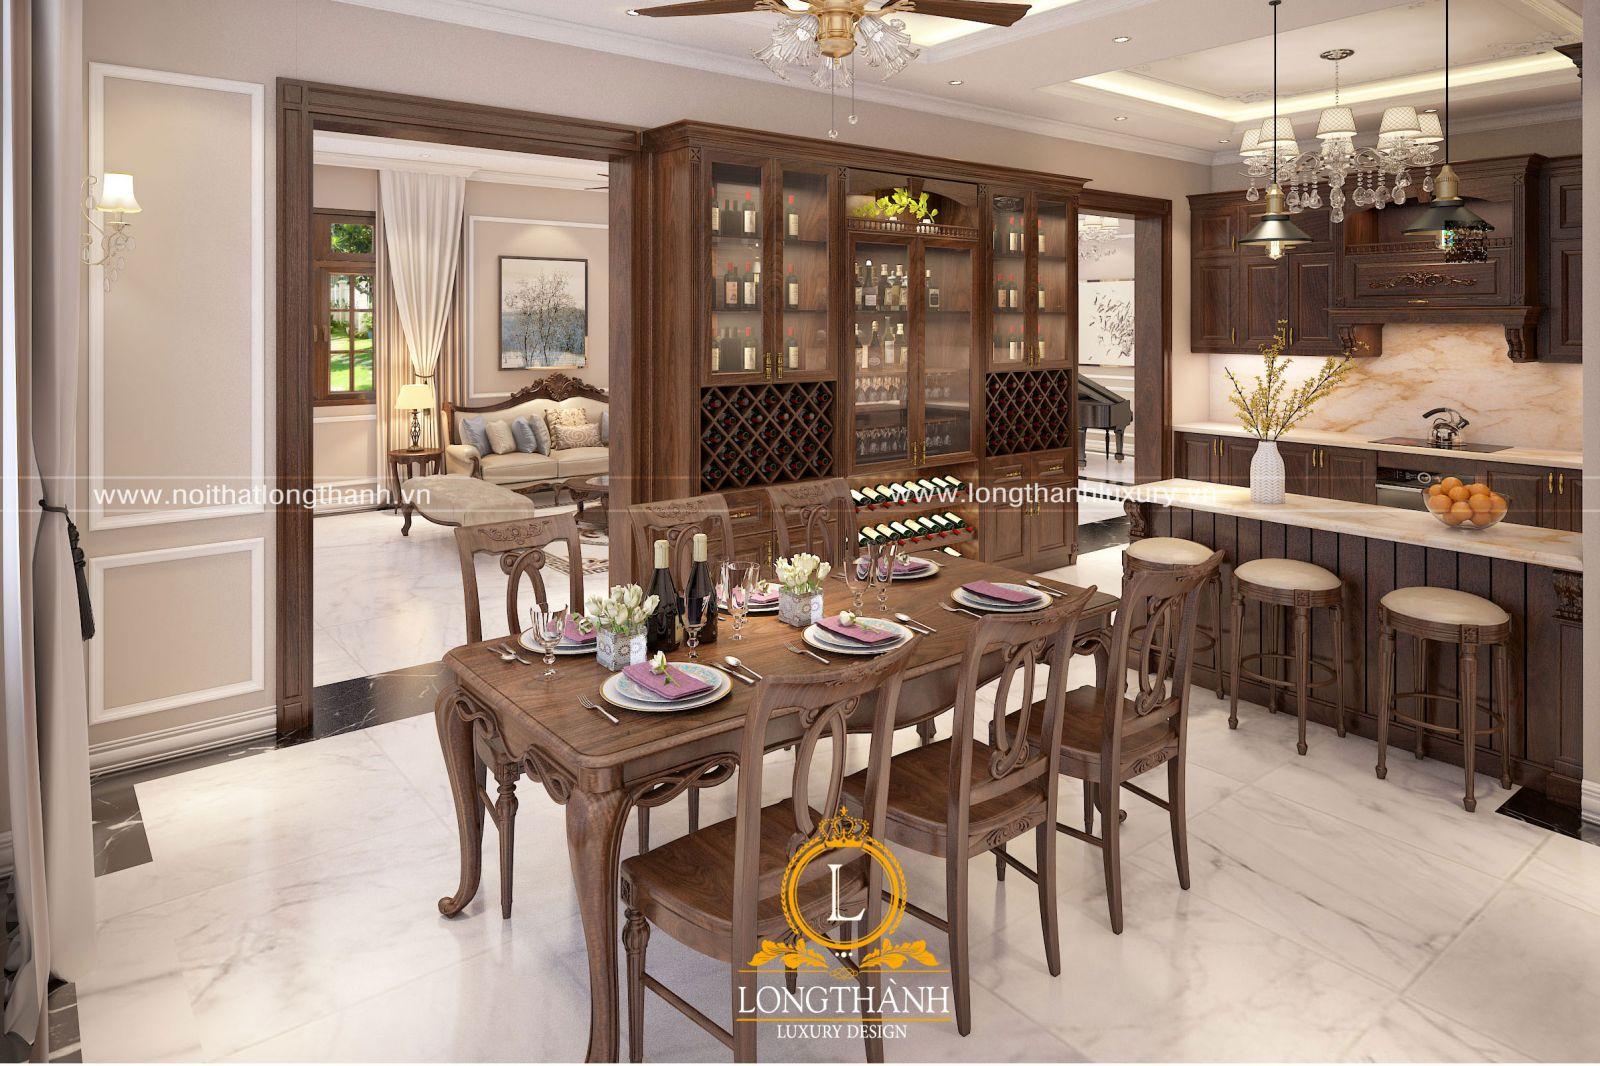 Thiết kế nội thất phòng bếp nhà biệt thự 2 tầng phong cách tân cổ điển